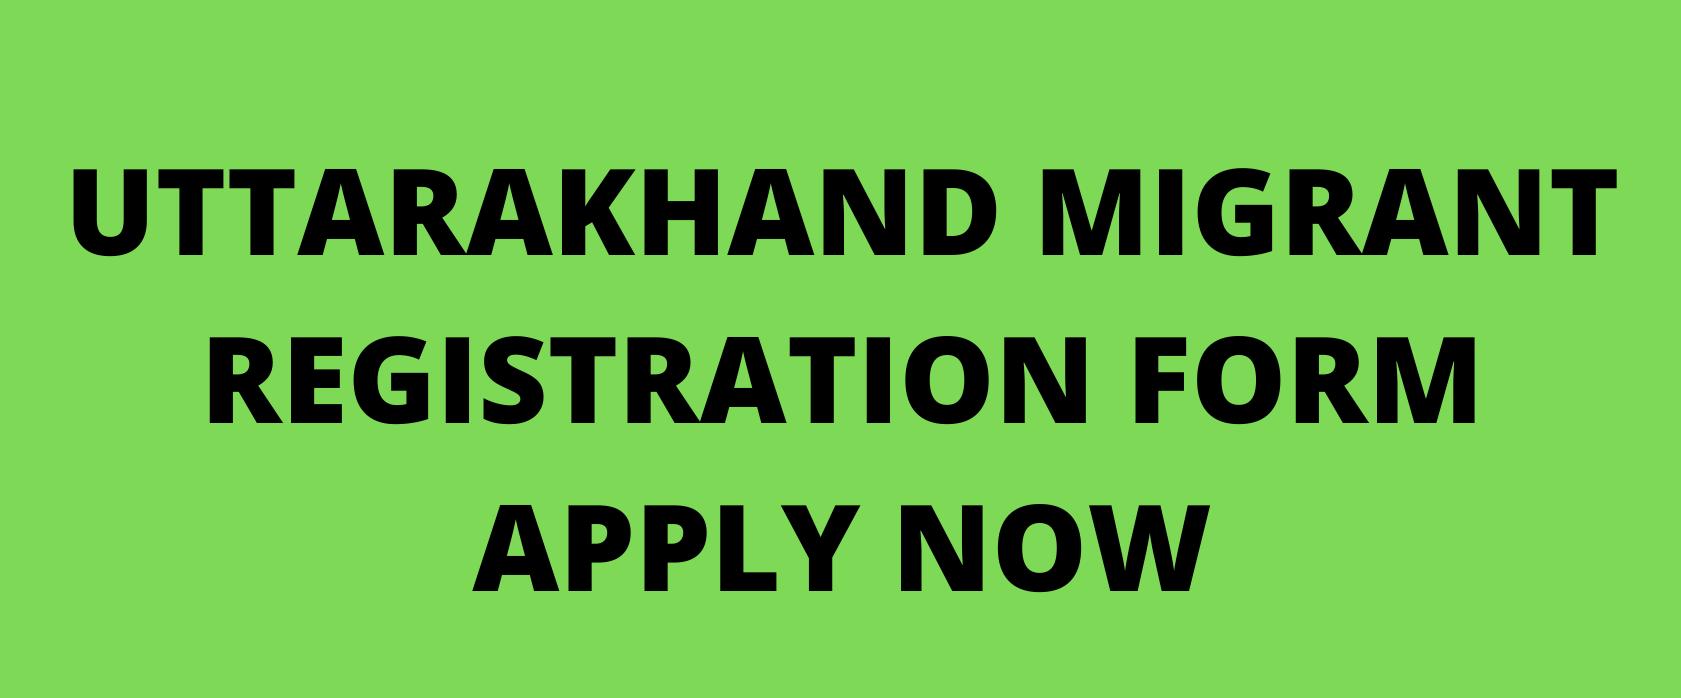 Uttarakhand Migrant Worker Registration